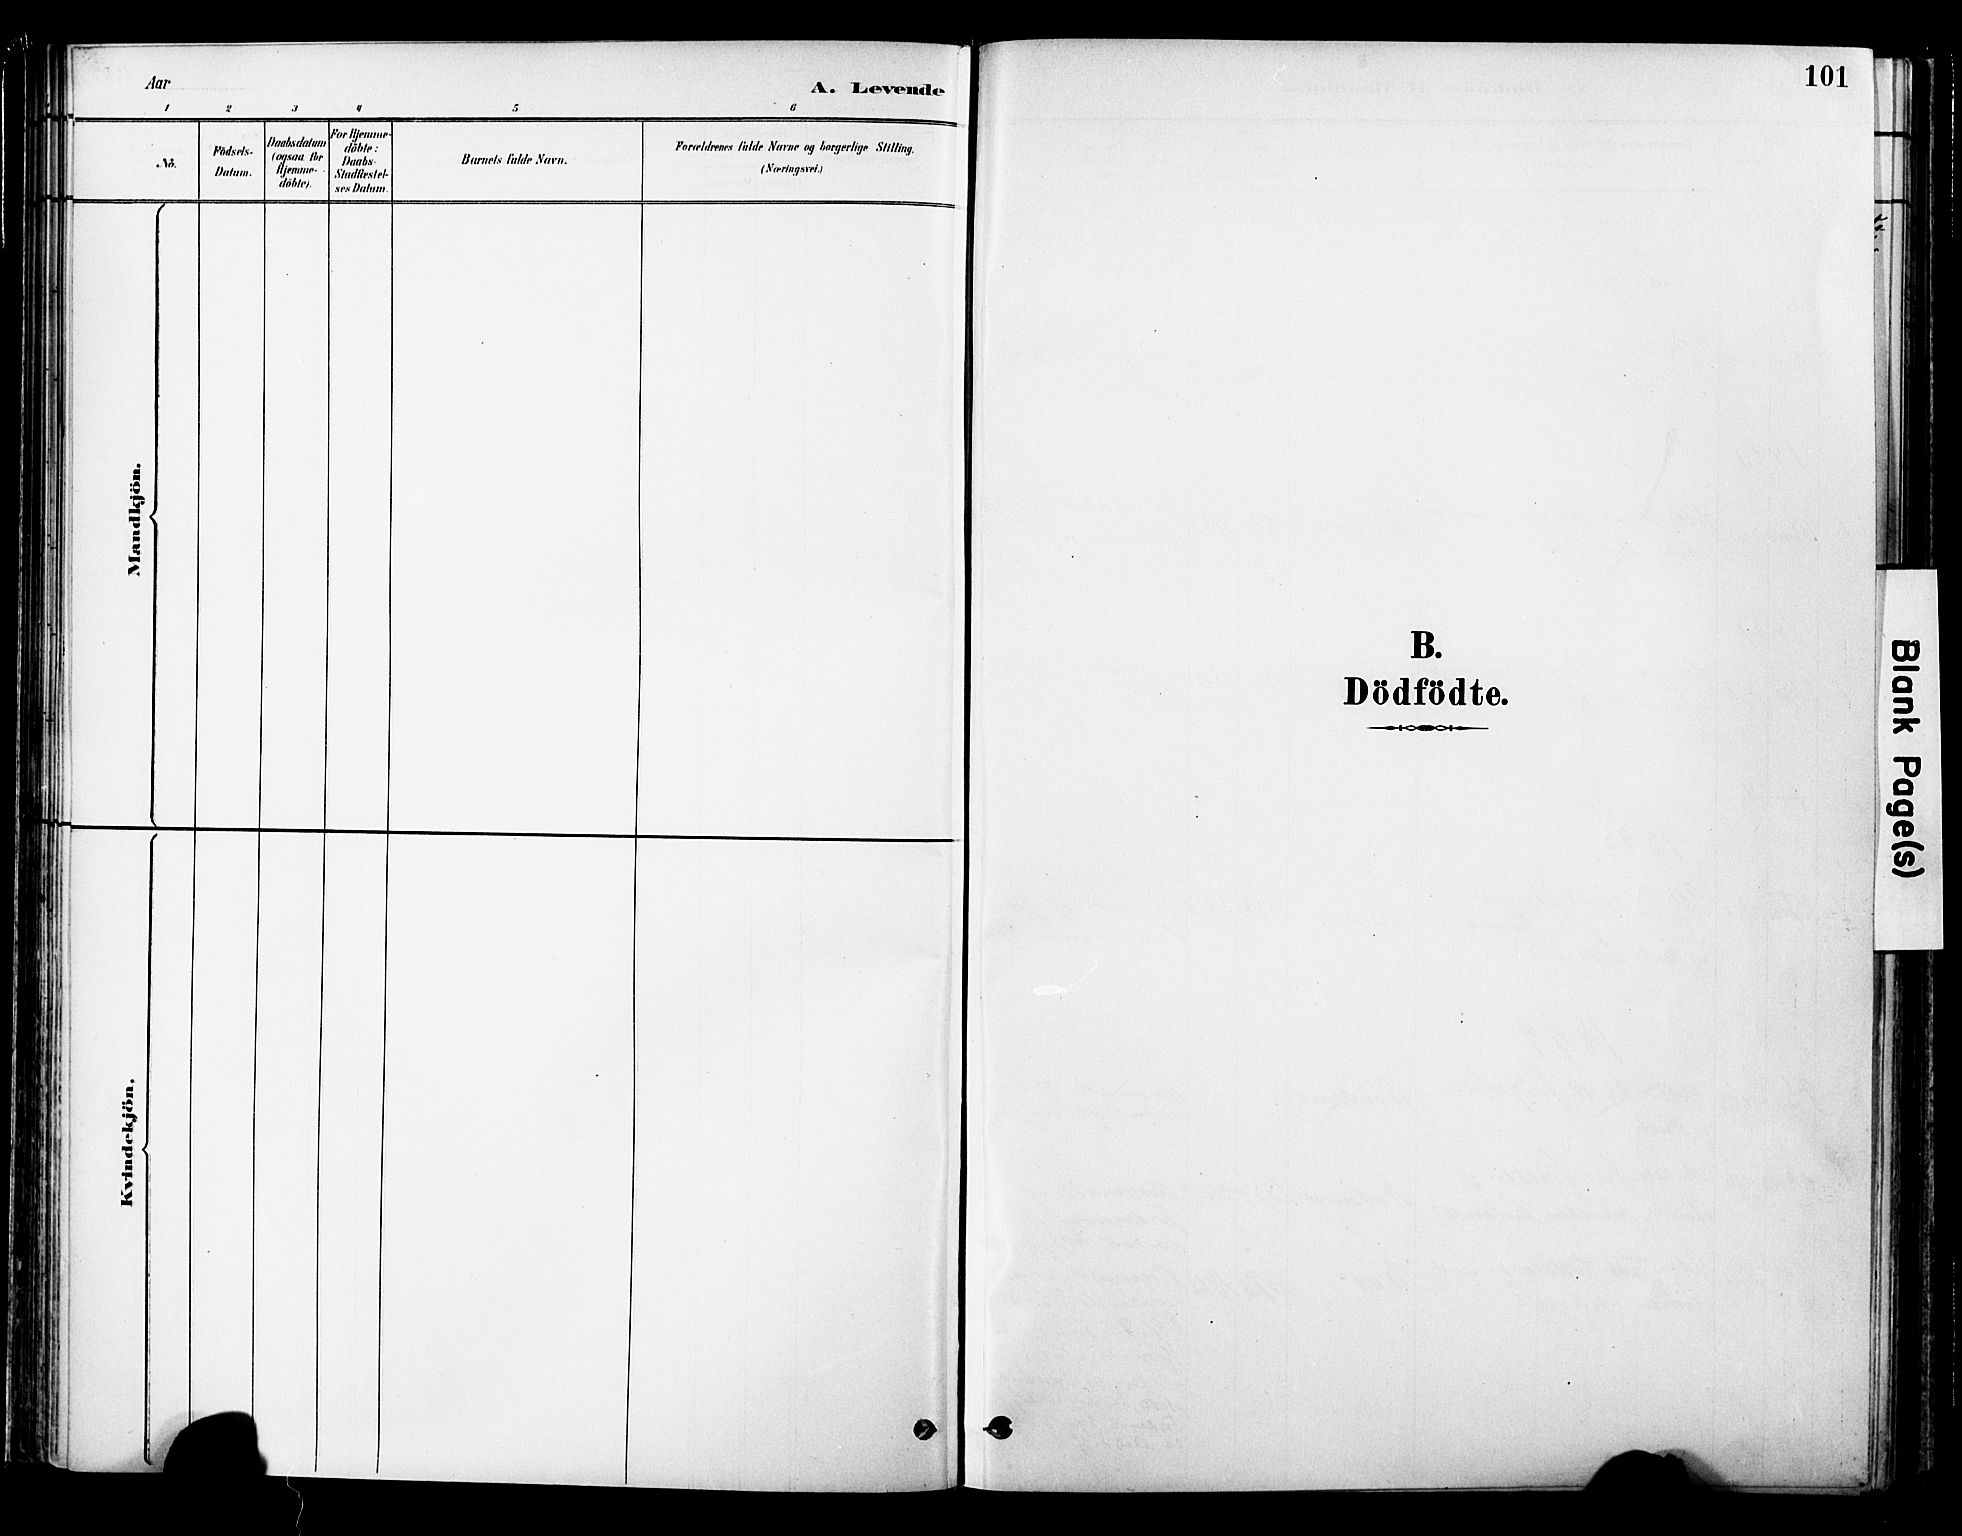 SAT, Ministerialprotokoller, klokkerbøker og fødselsregistre - Nord-Trøndelag, 755/L0494: Ministerialbok nr. 755A03, 1882-1902, s. 101